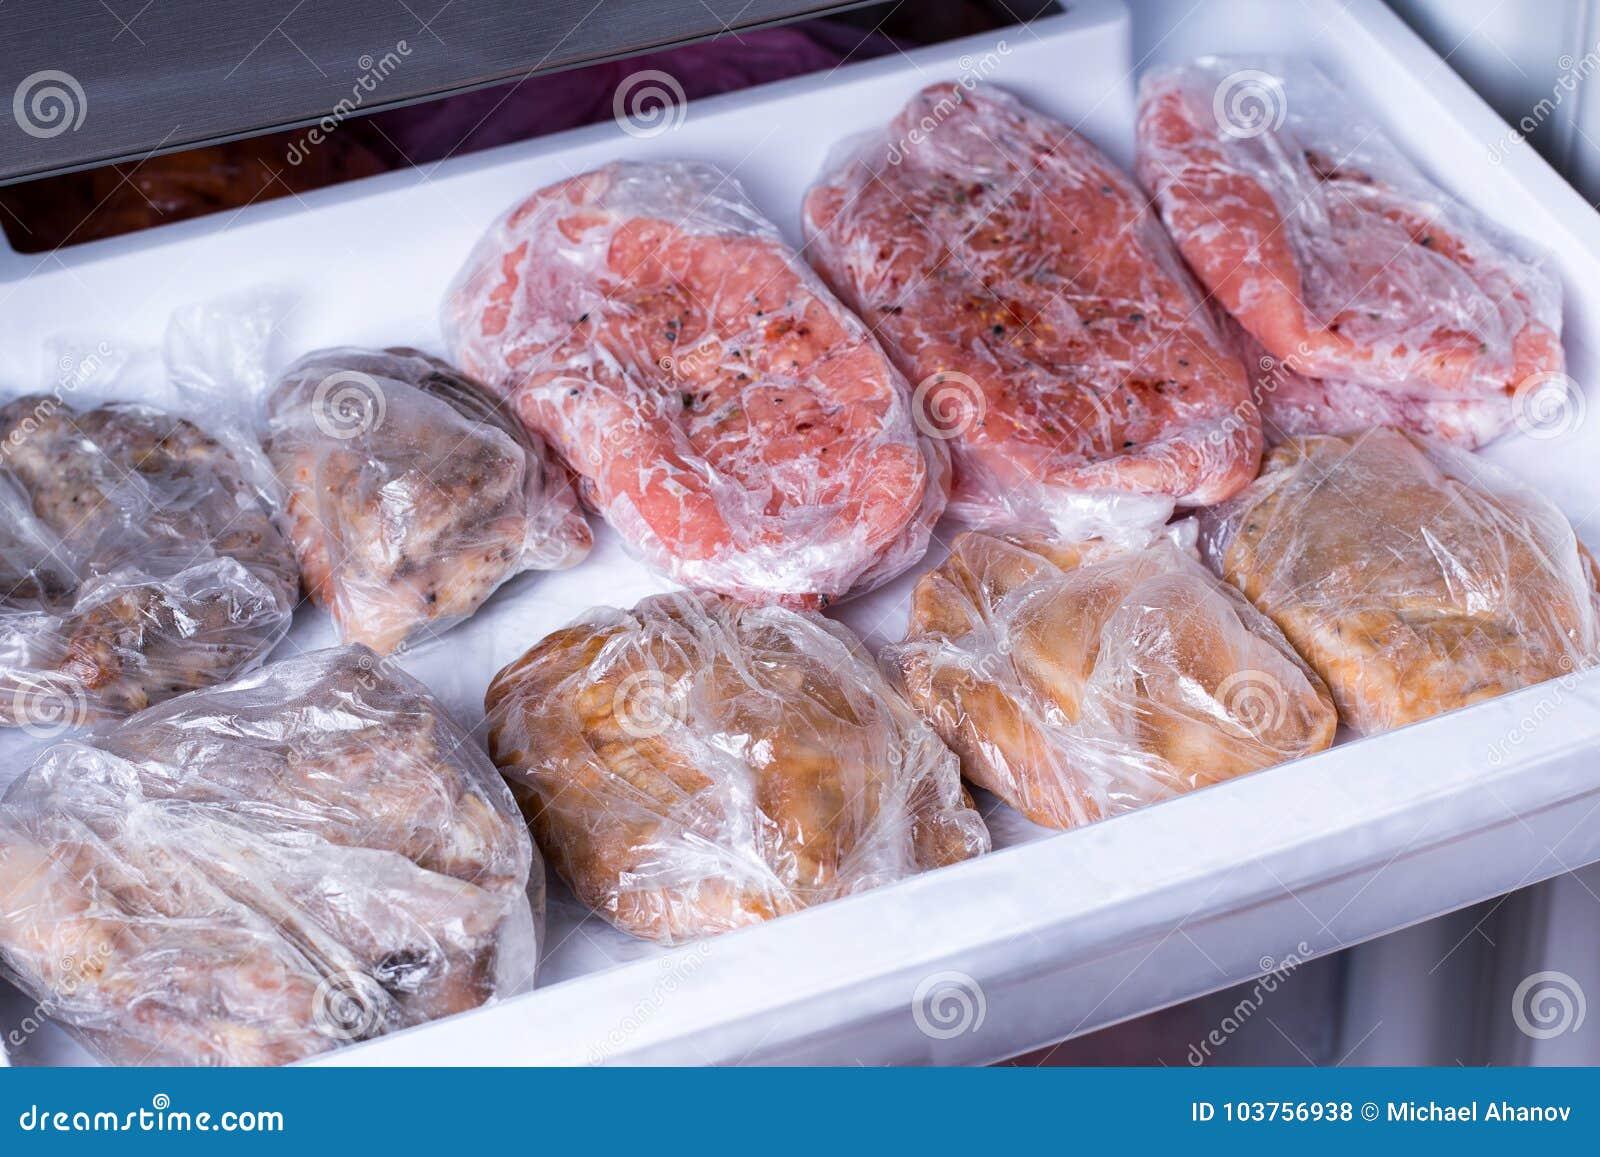 Frozen pork neck chops meat steakin the freezer. Frozen food